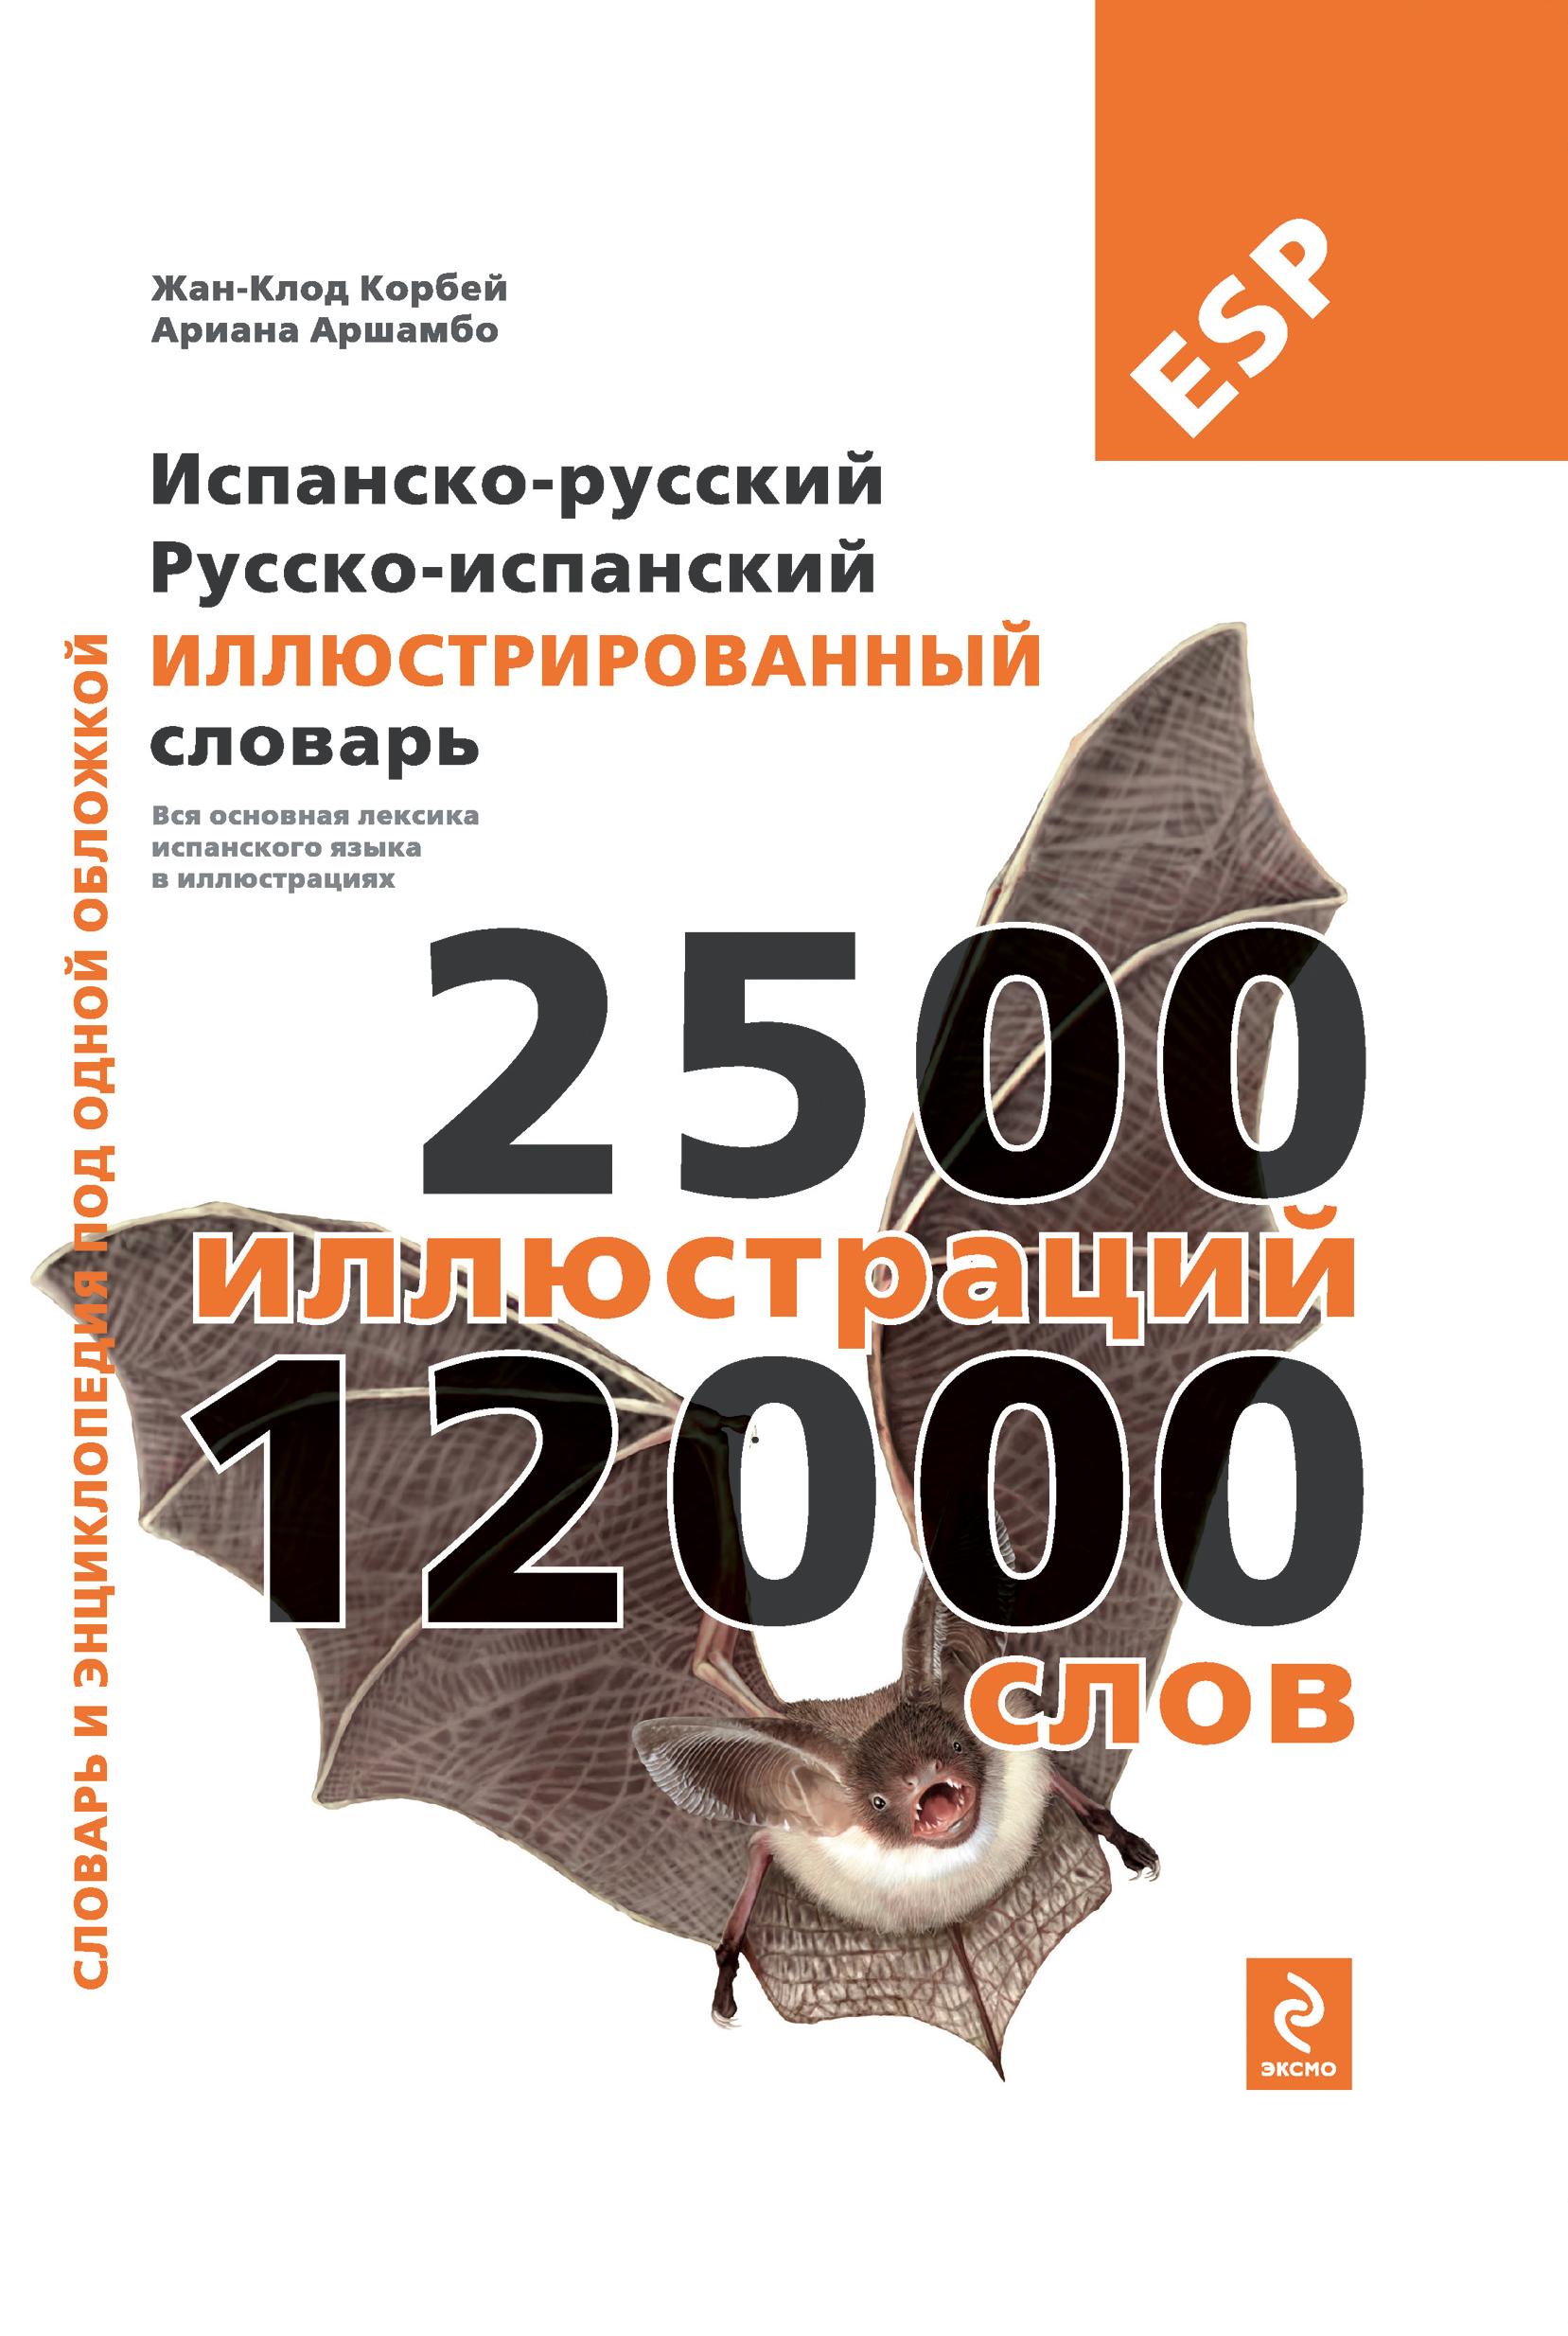 Испанско-русский русско-испанский иллюстрированный словарь от book24.ru